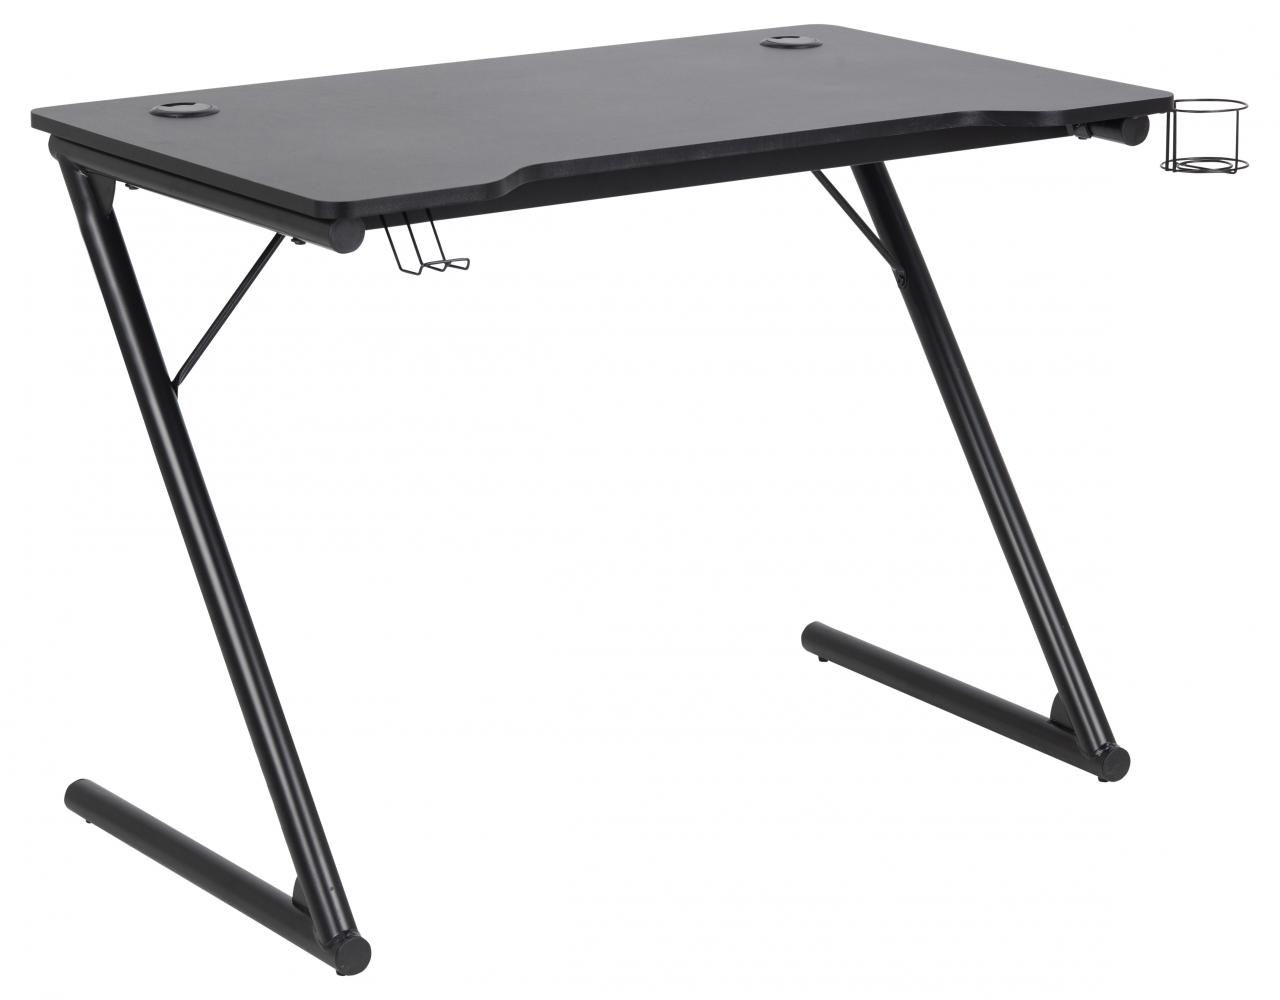 Herní stůl Trooper, 100 cm, černá